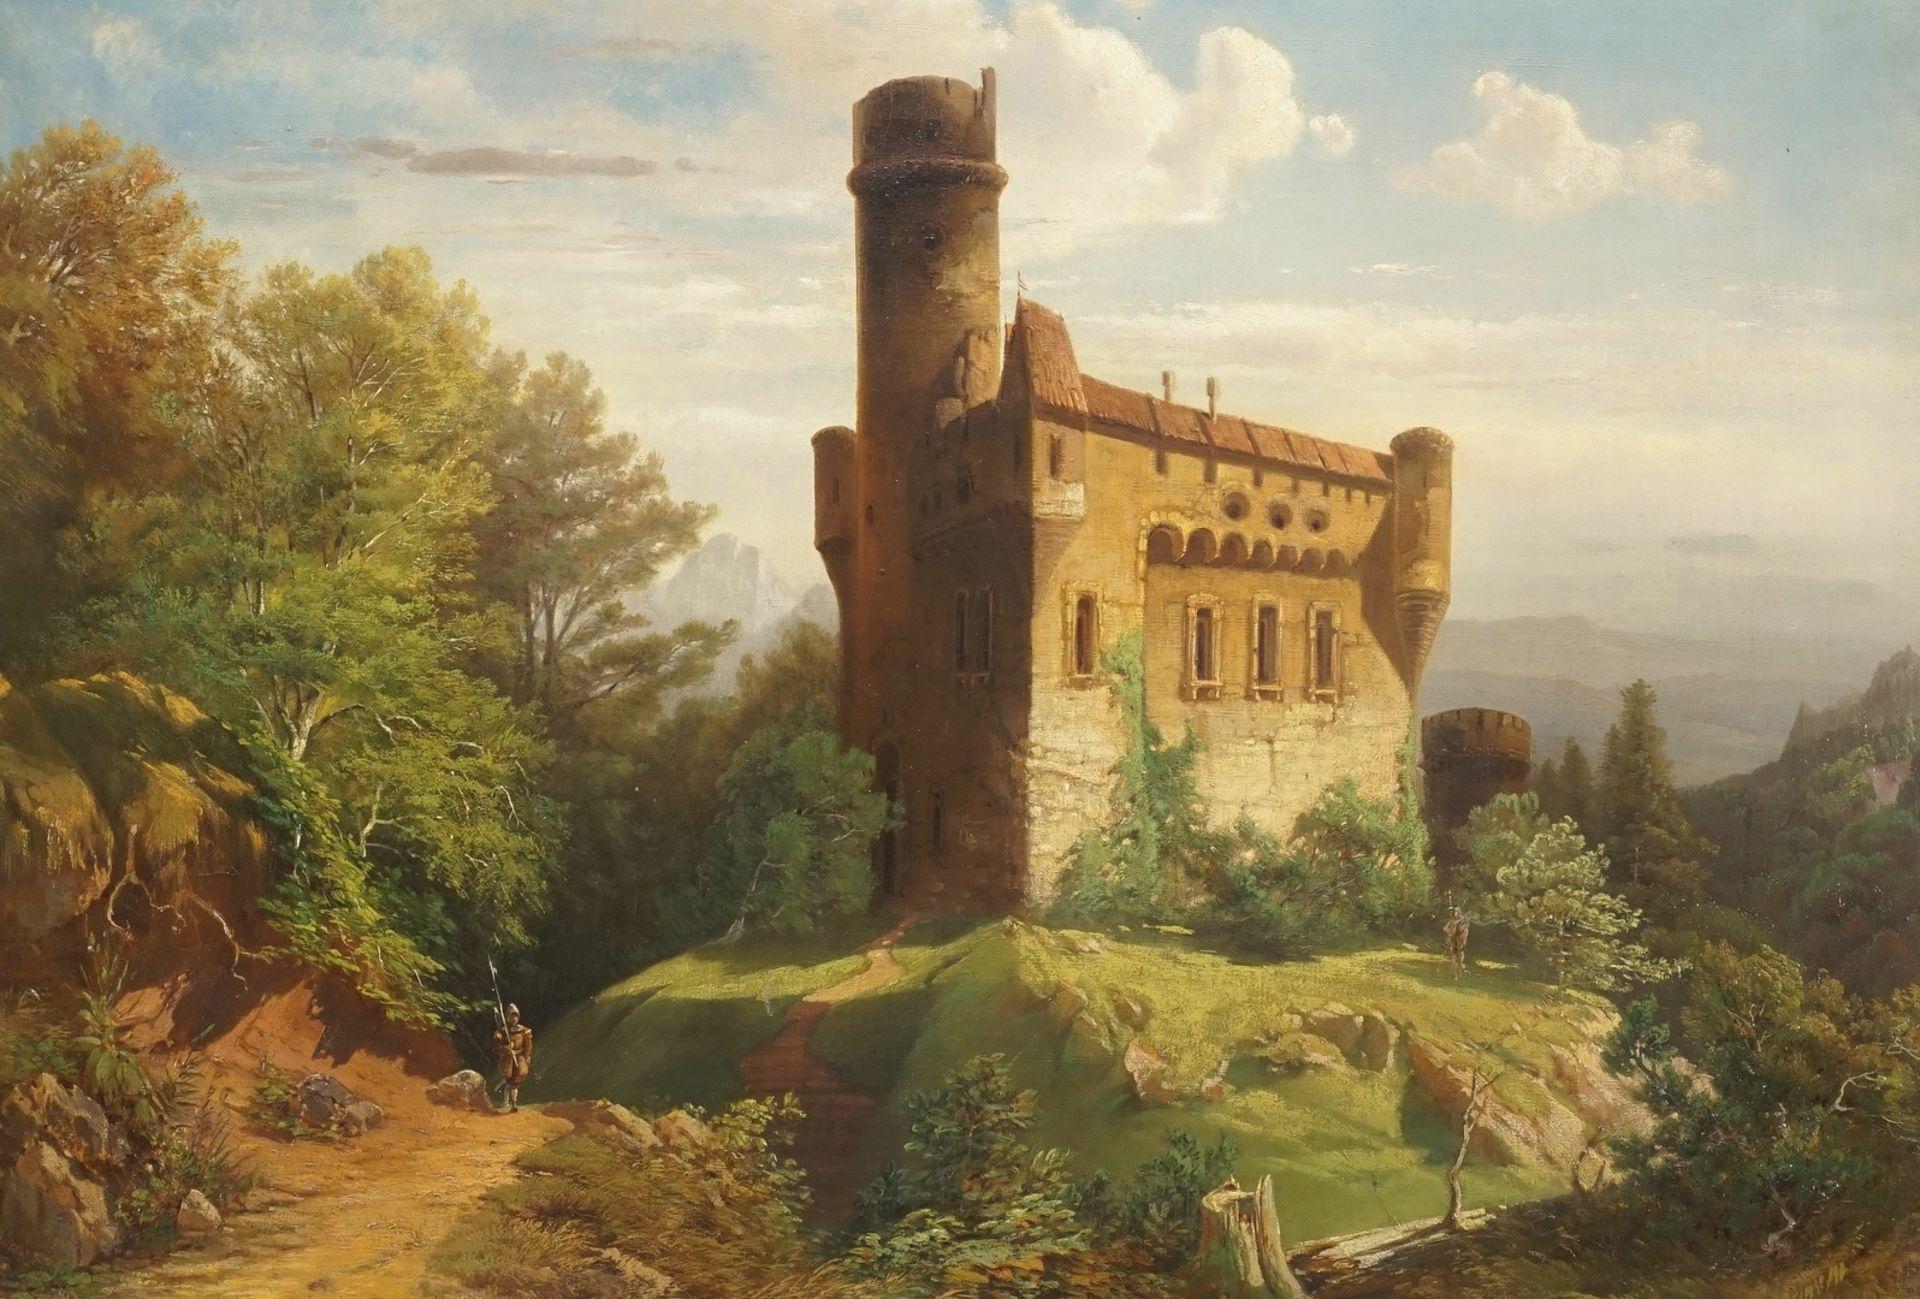 """Wohl Adolf Stademann, """"Historisierende Burg mit ruinösem Rundturm und Wachen"""" - Bild 2 aus 3"""